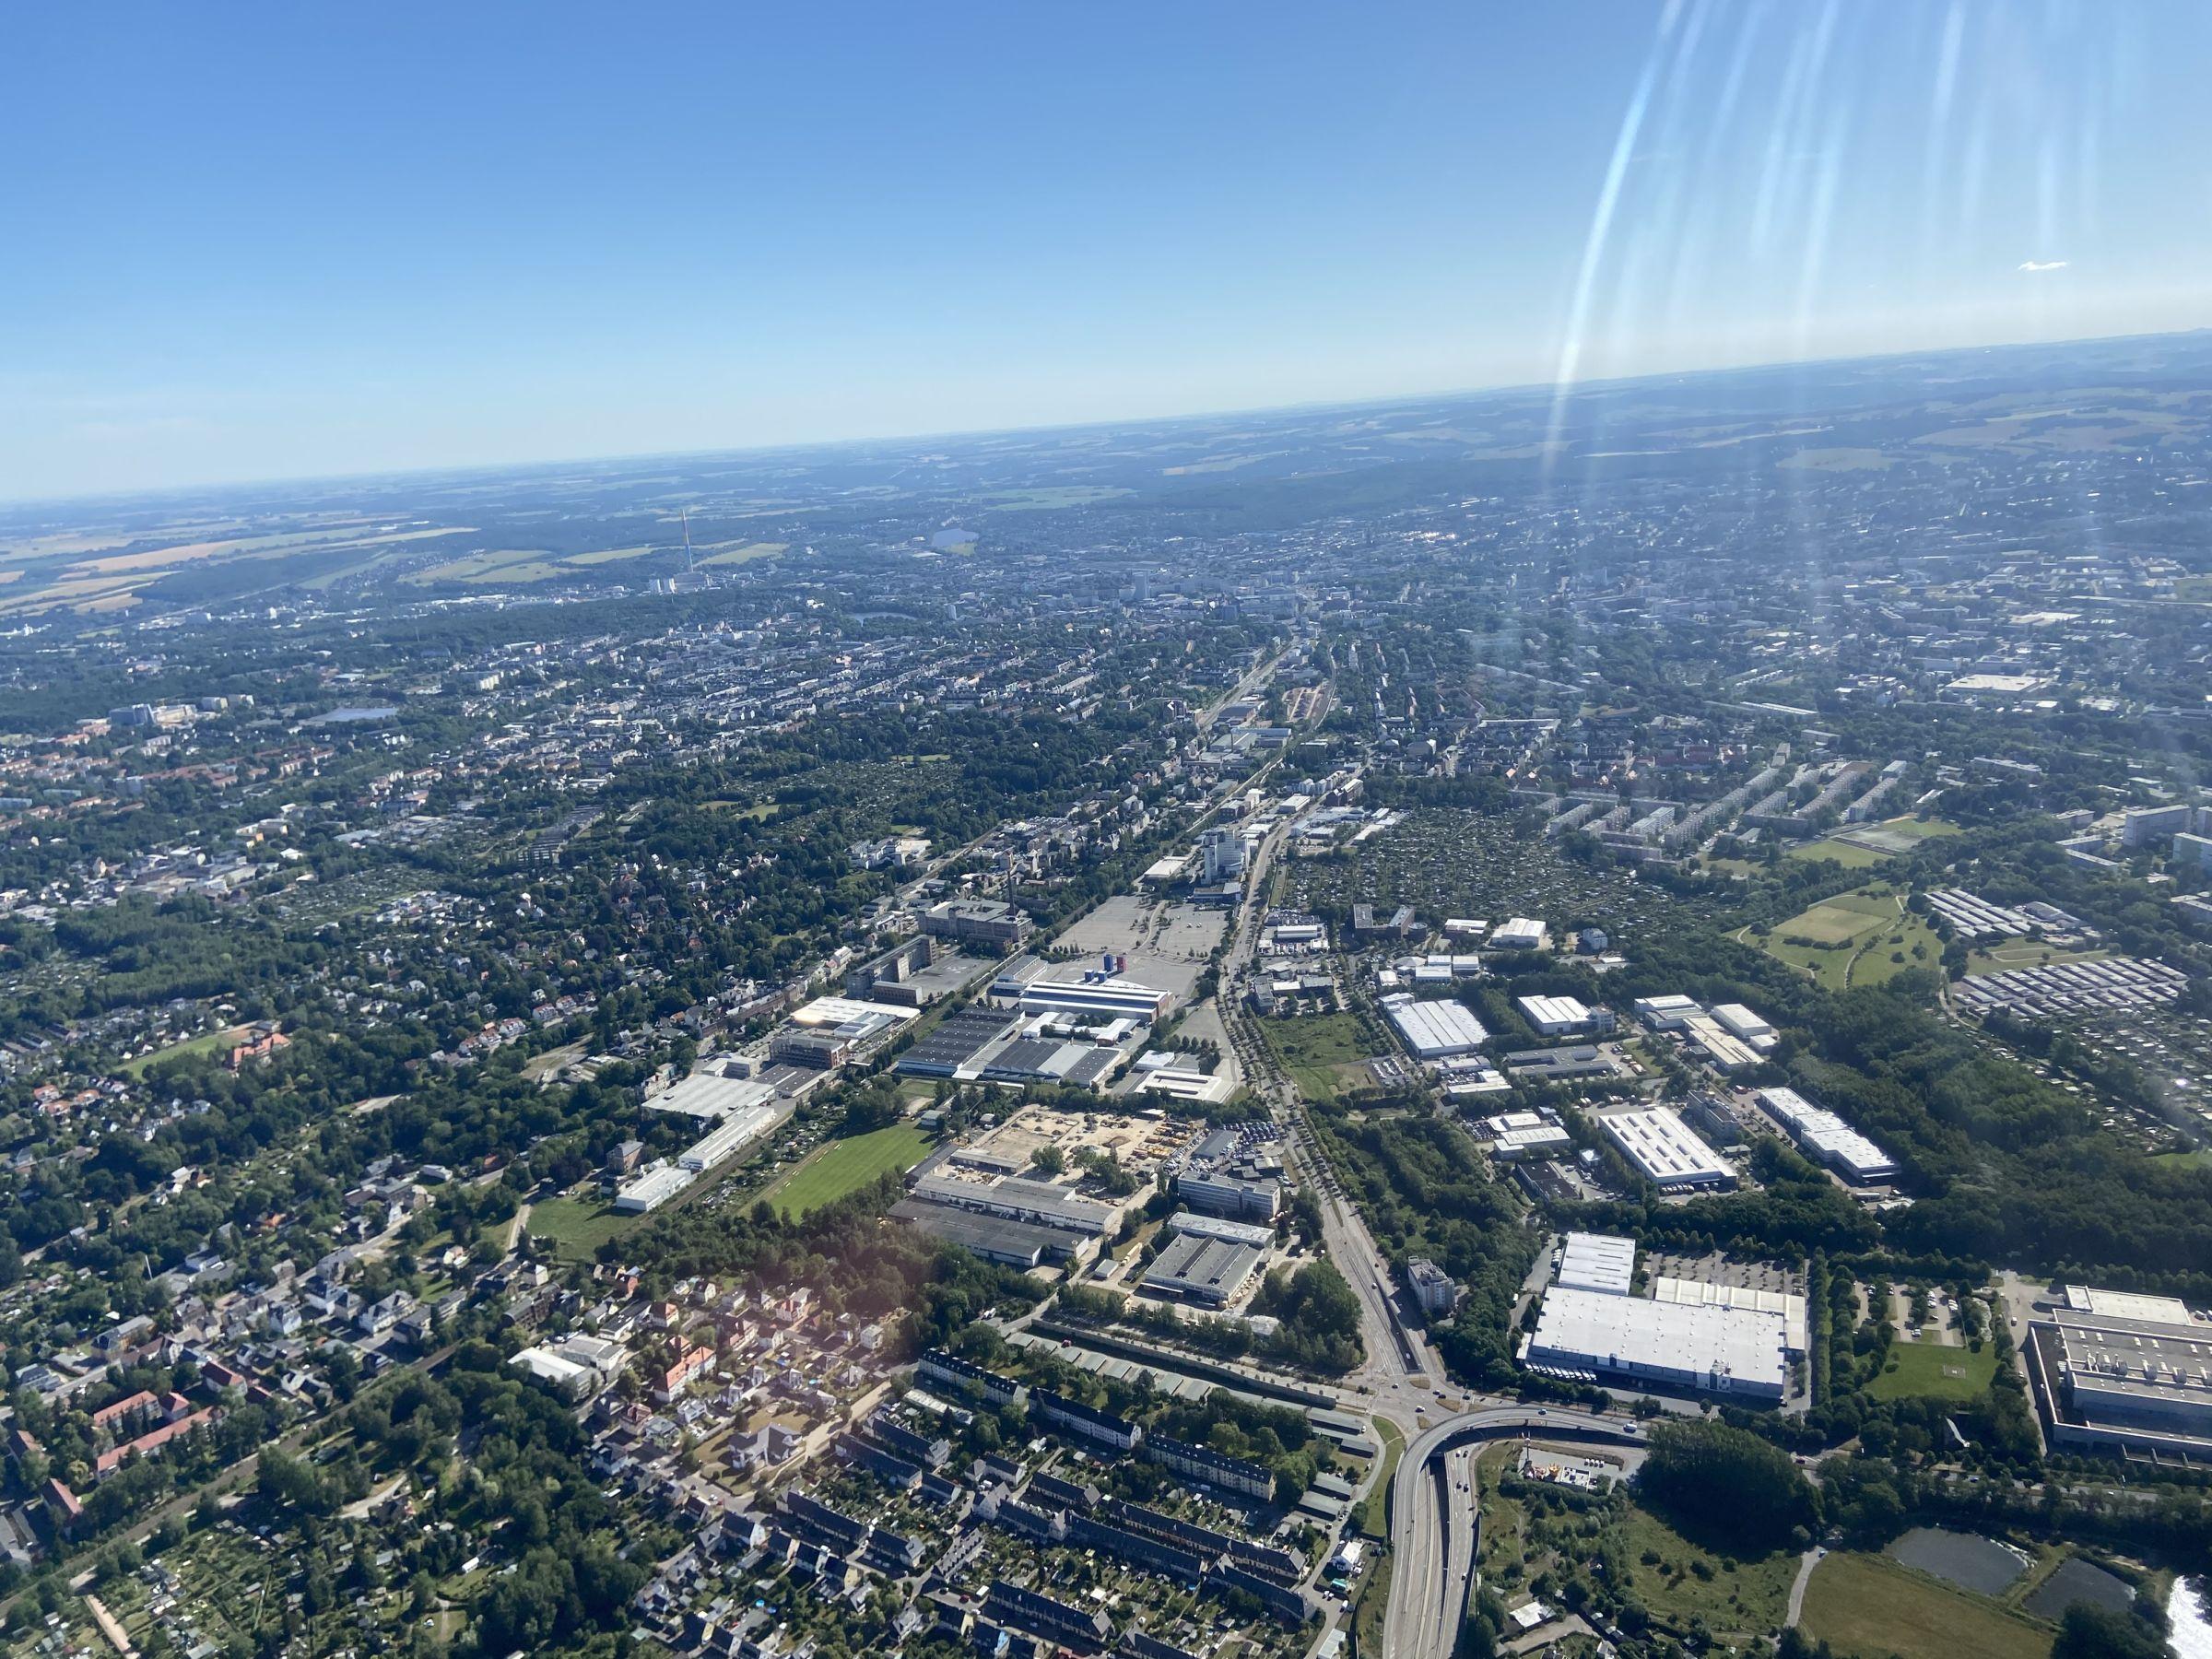 Chemnitz, Blick vom Überflieger Richtung Stadtmitte